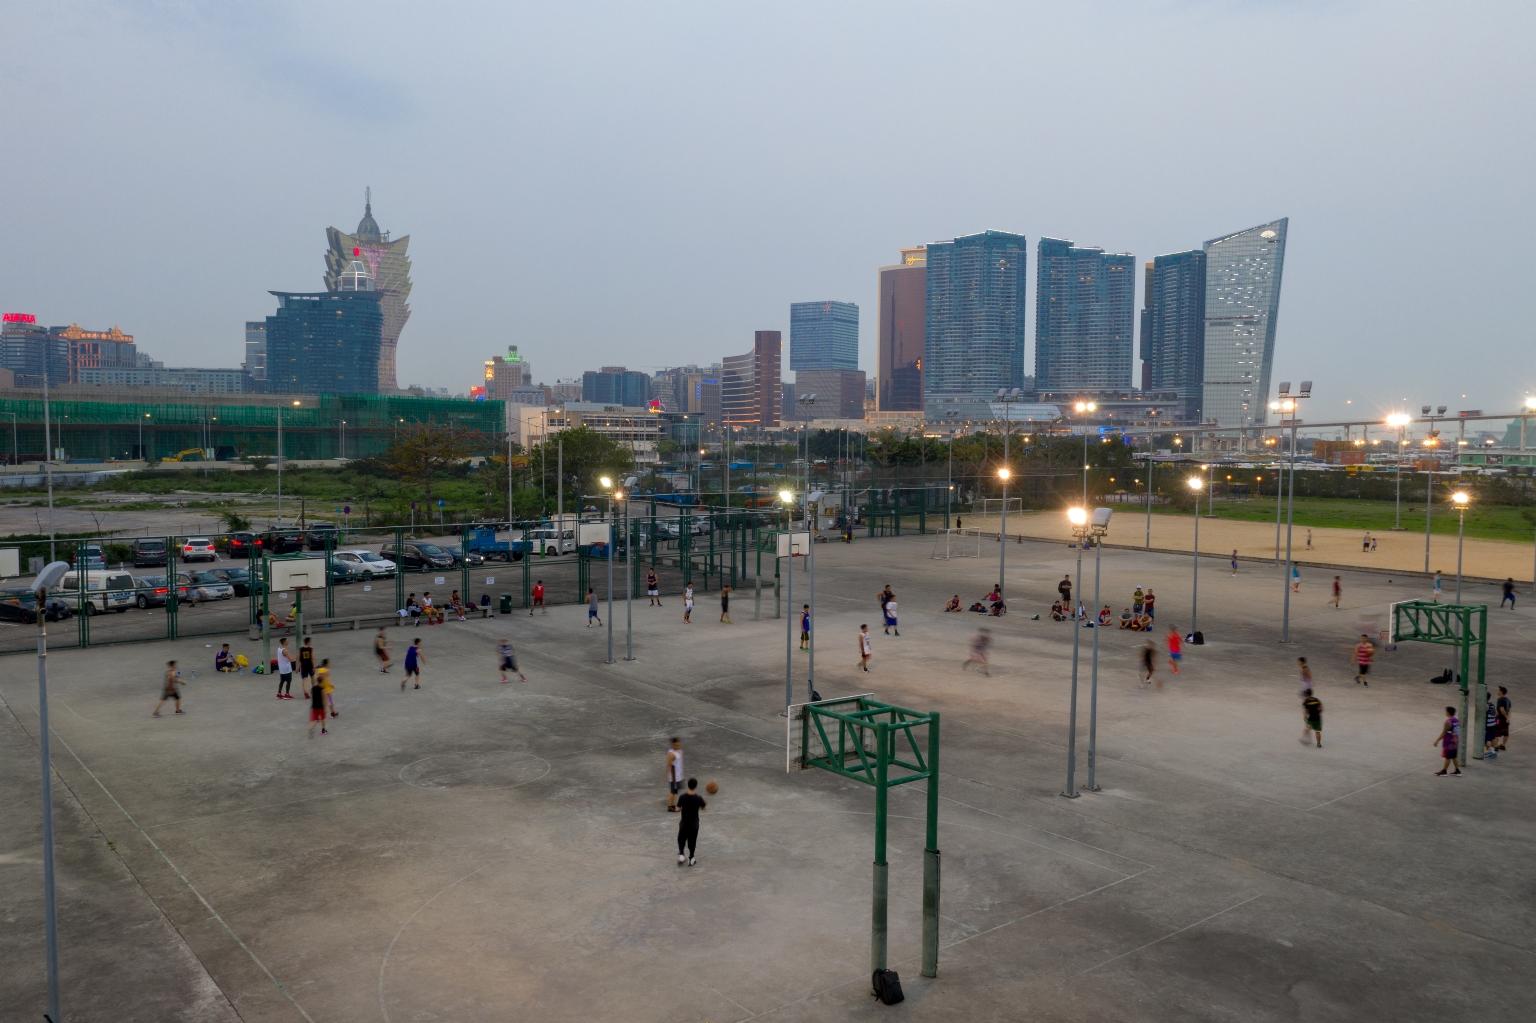 觀光塔街市政暑的體育設施